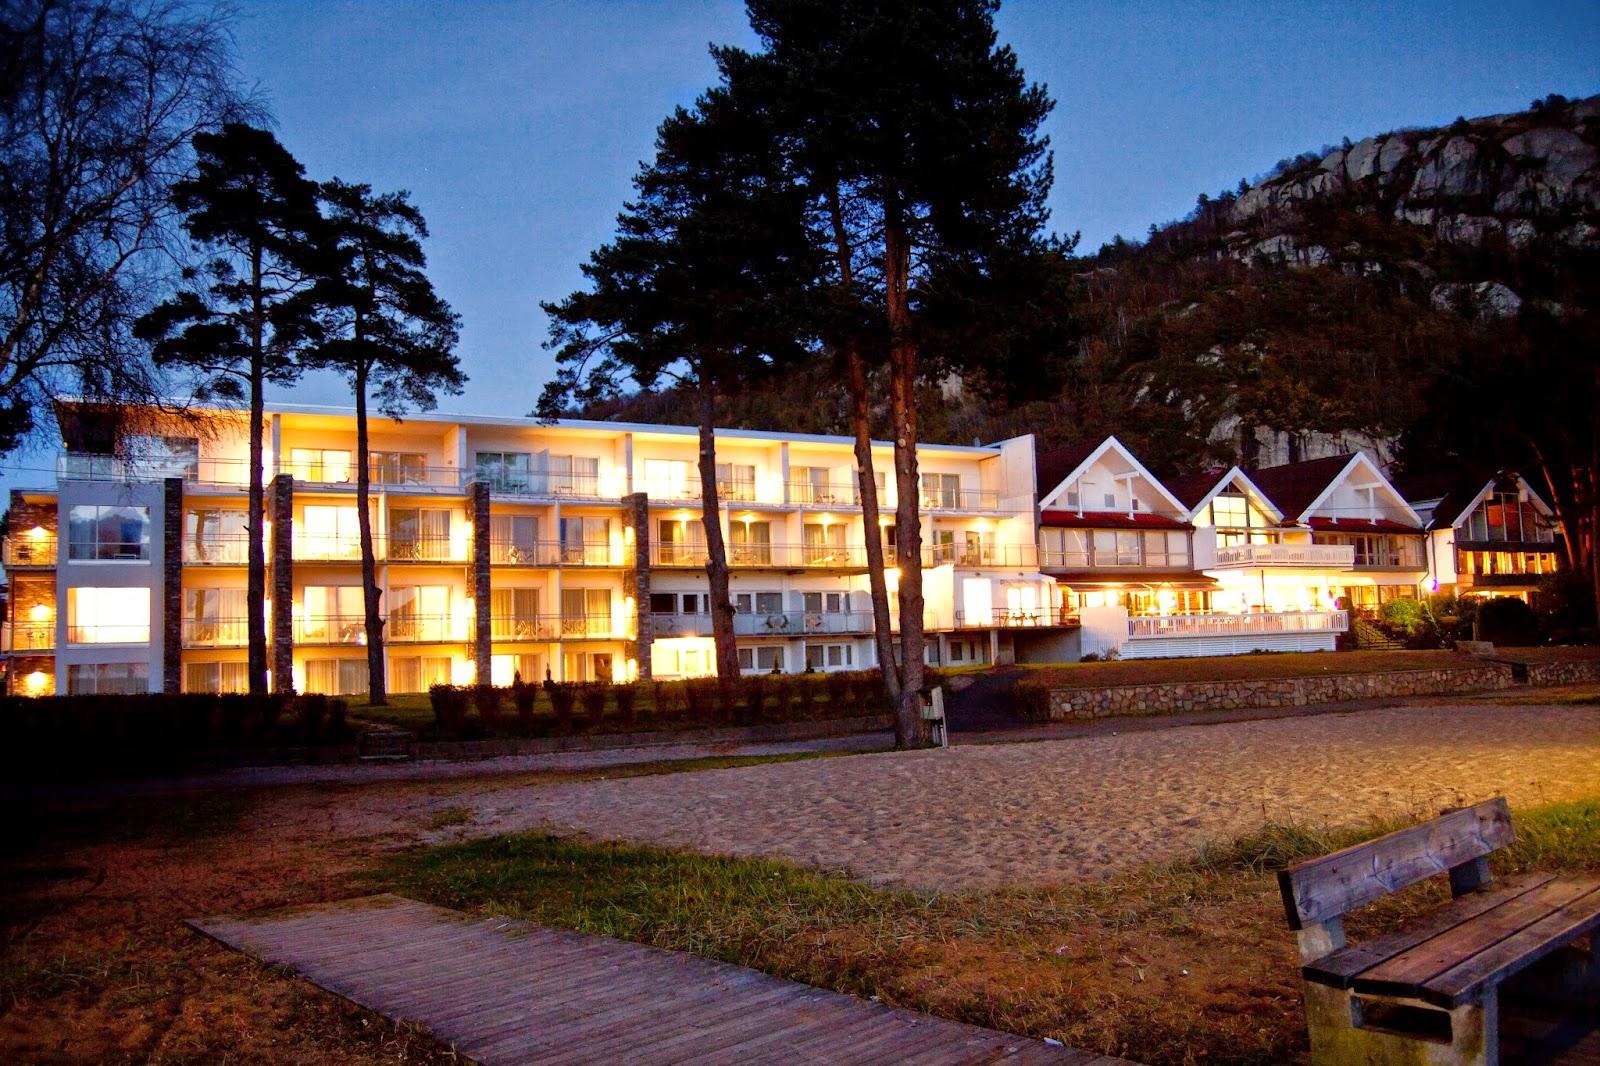 Rosfjord Strandhotell i skumringen